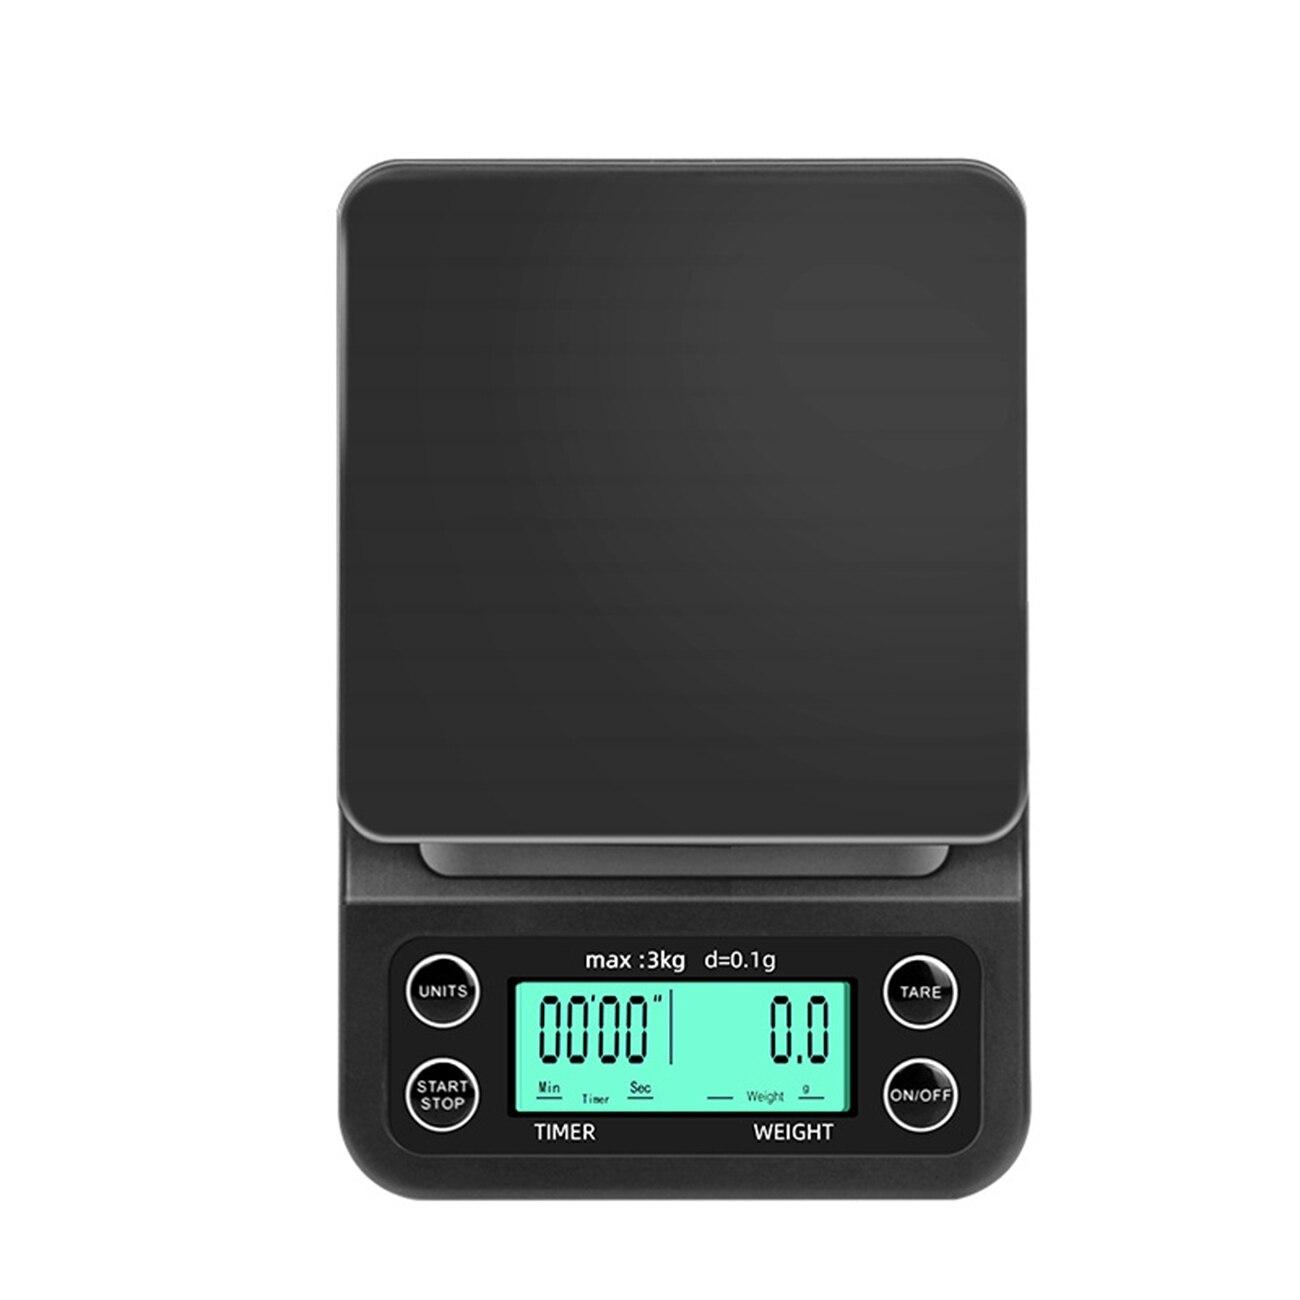 ميزان قهوة إلكتروني مع مؤقت ، 0.1 جرام ، دقة عالية ، رقمي ، LCD ، يعمل بالبطارية ، وزن المطبخ ، للمنزل